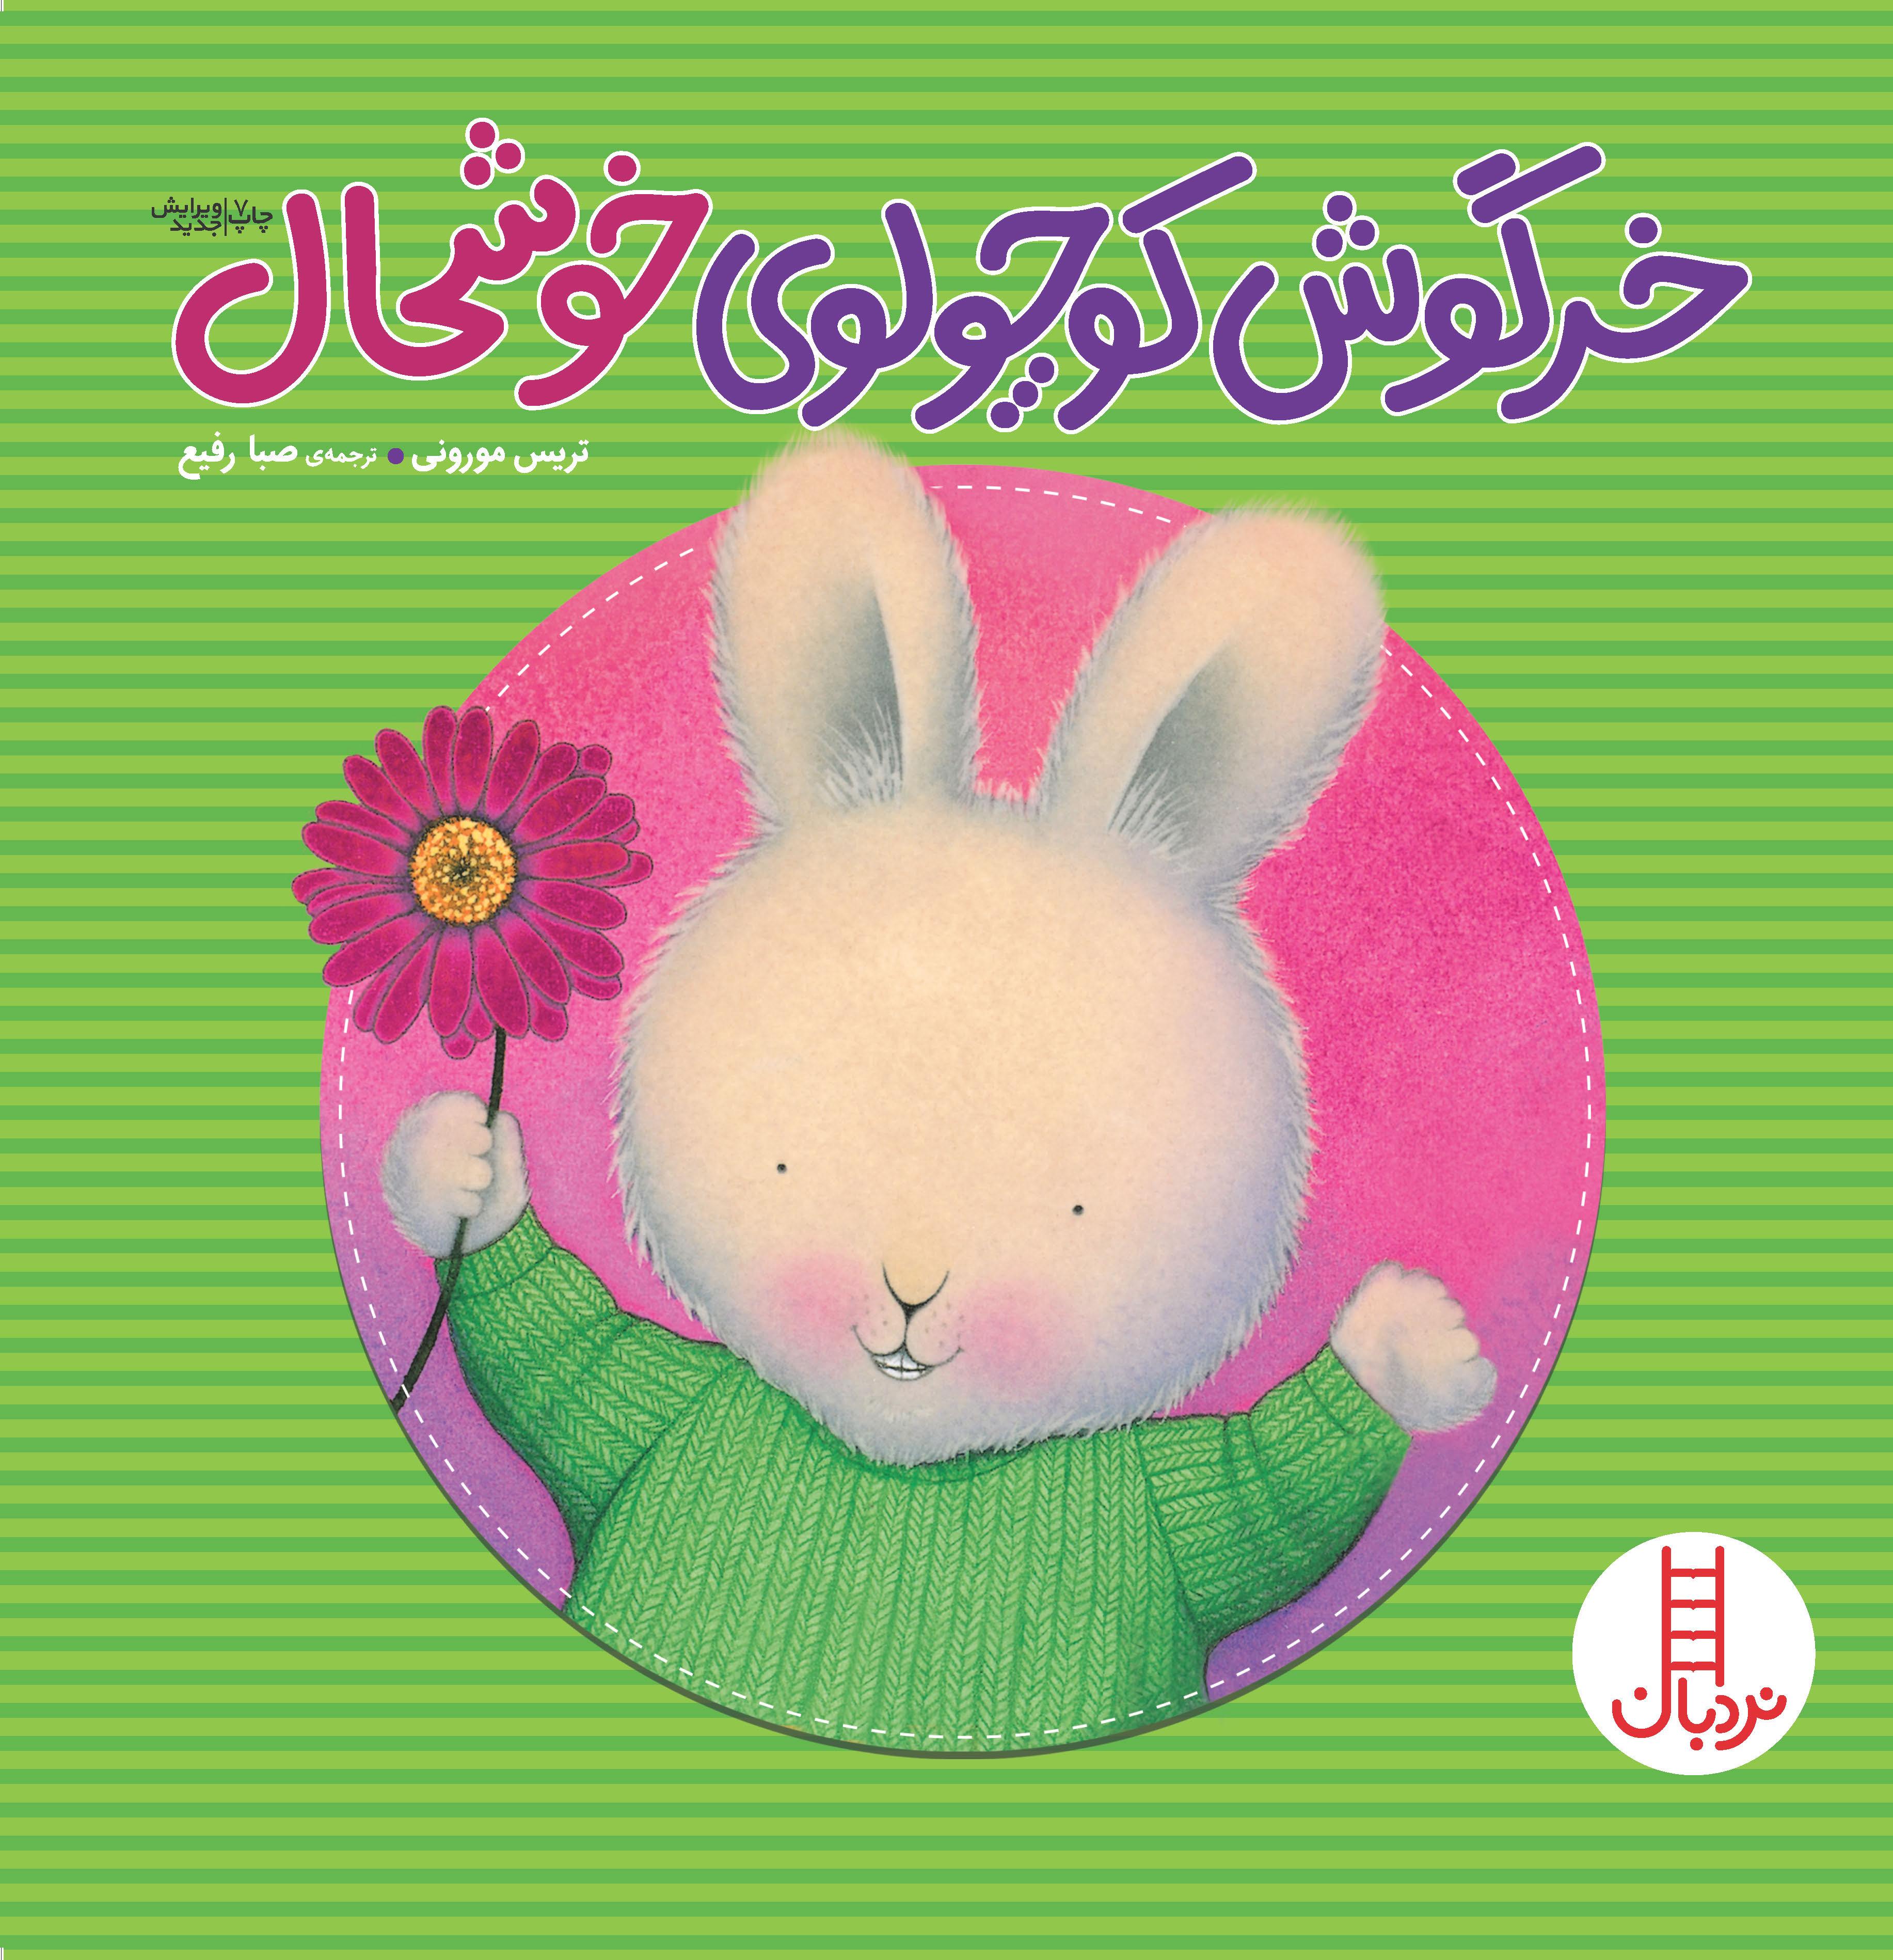 خرگوش كوچولوی خوشحال